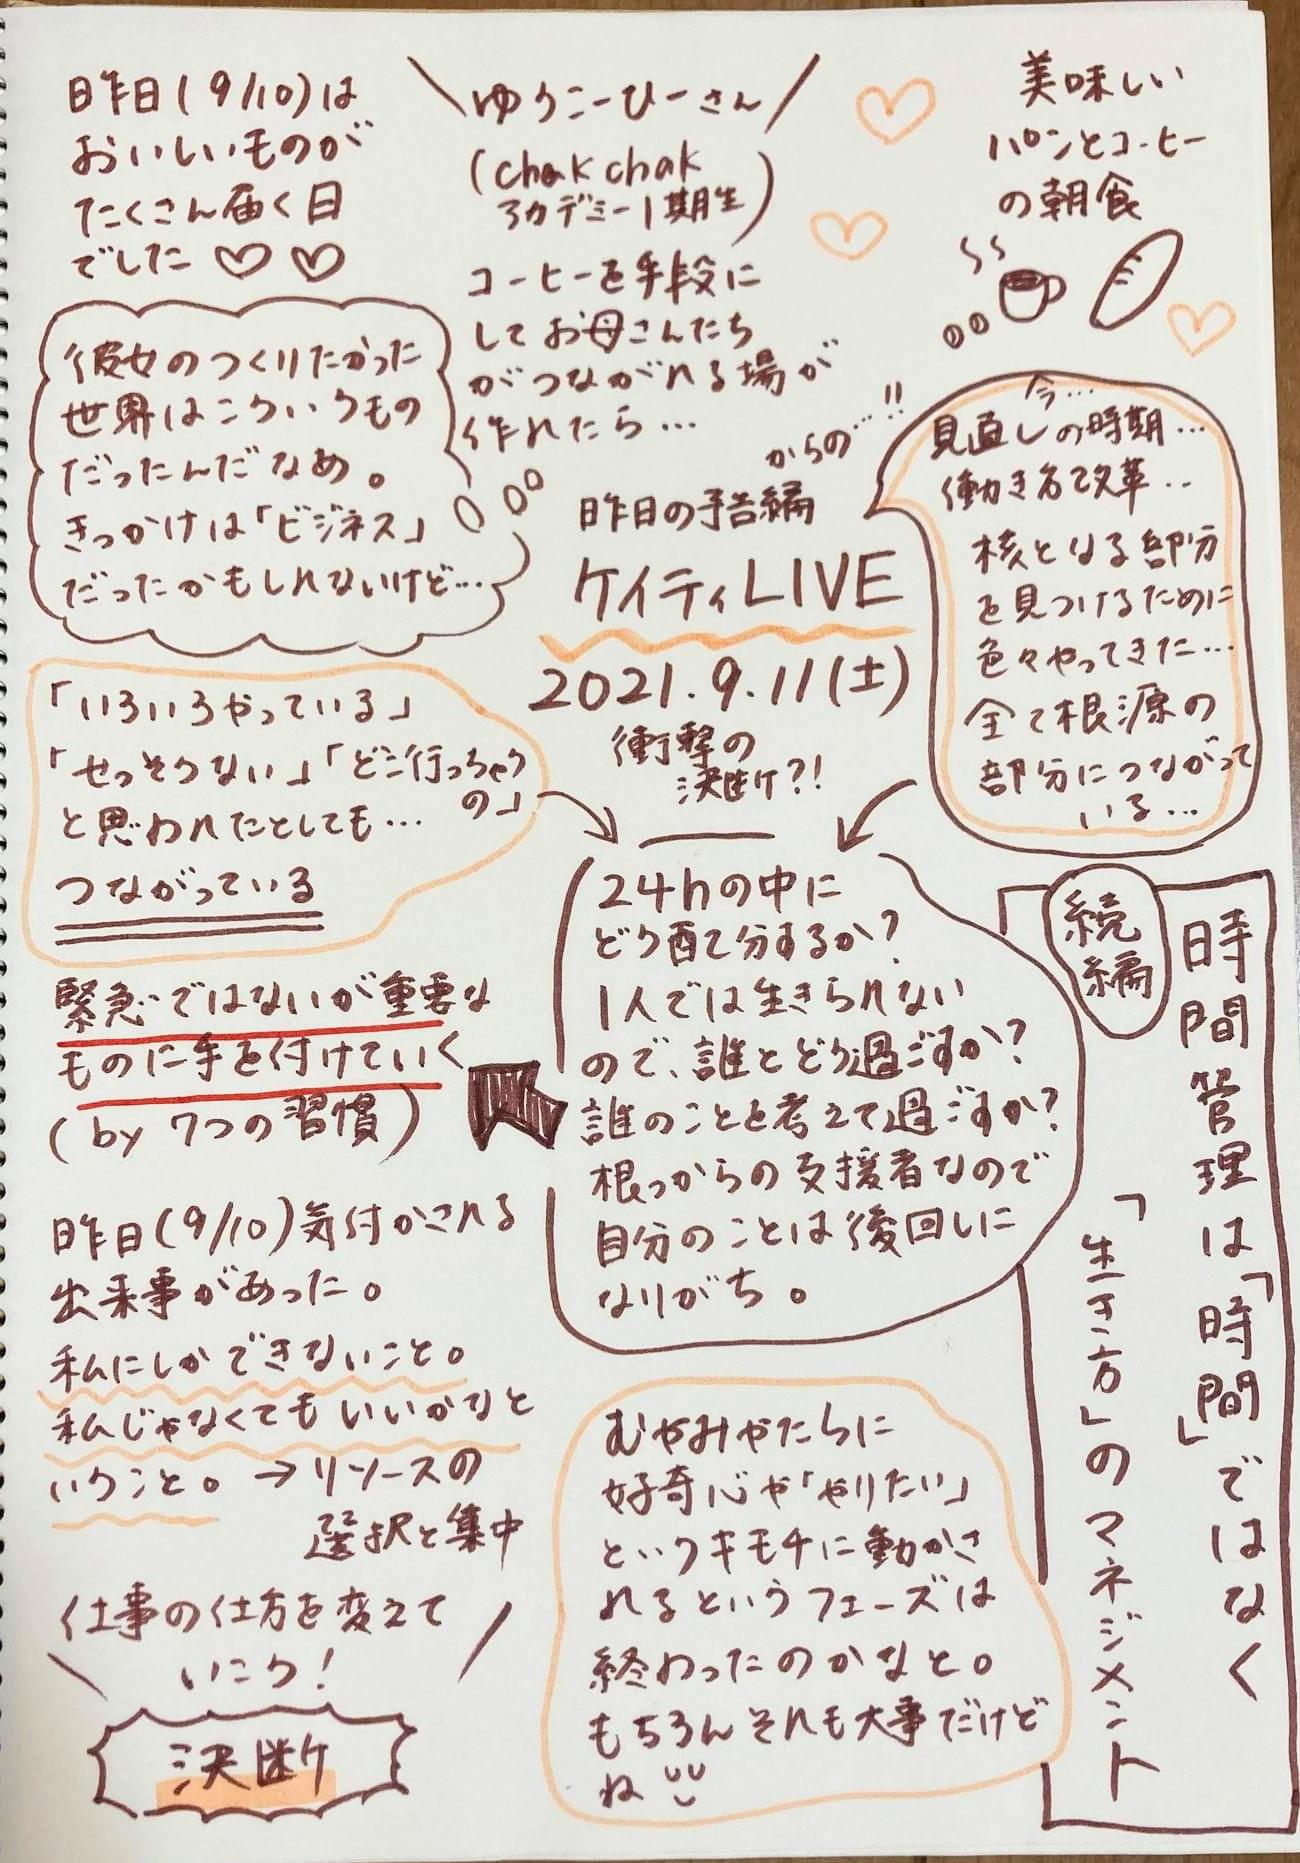 9/11(土)オンライン朝活 #580 続編 時間管理は「時間」ではなく「生き方」のマネジメント